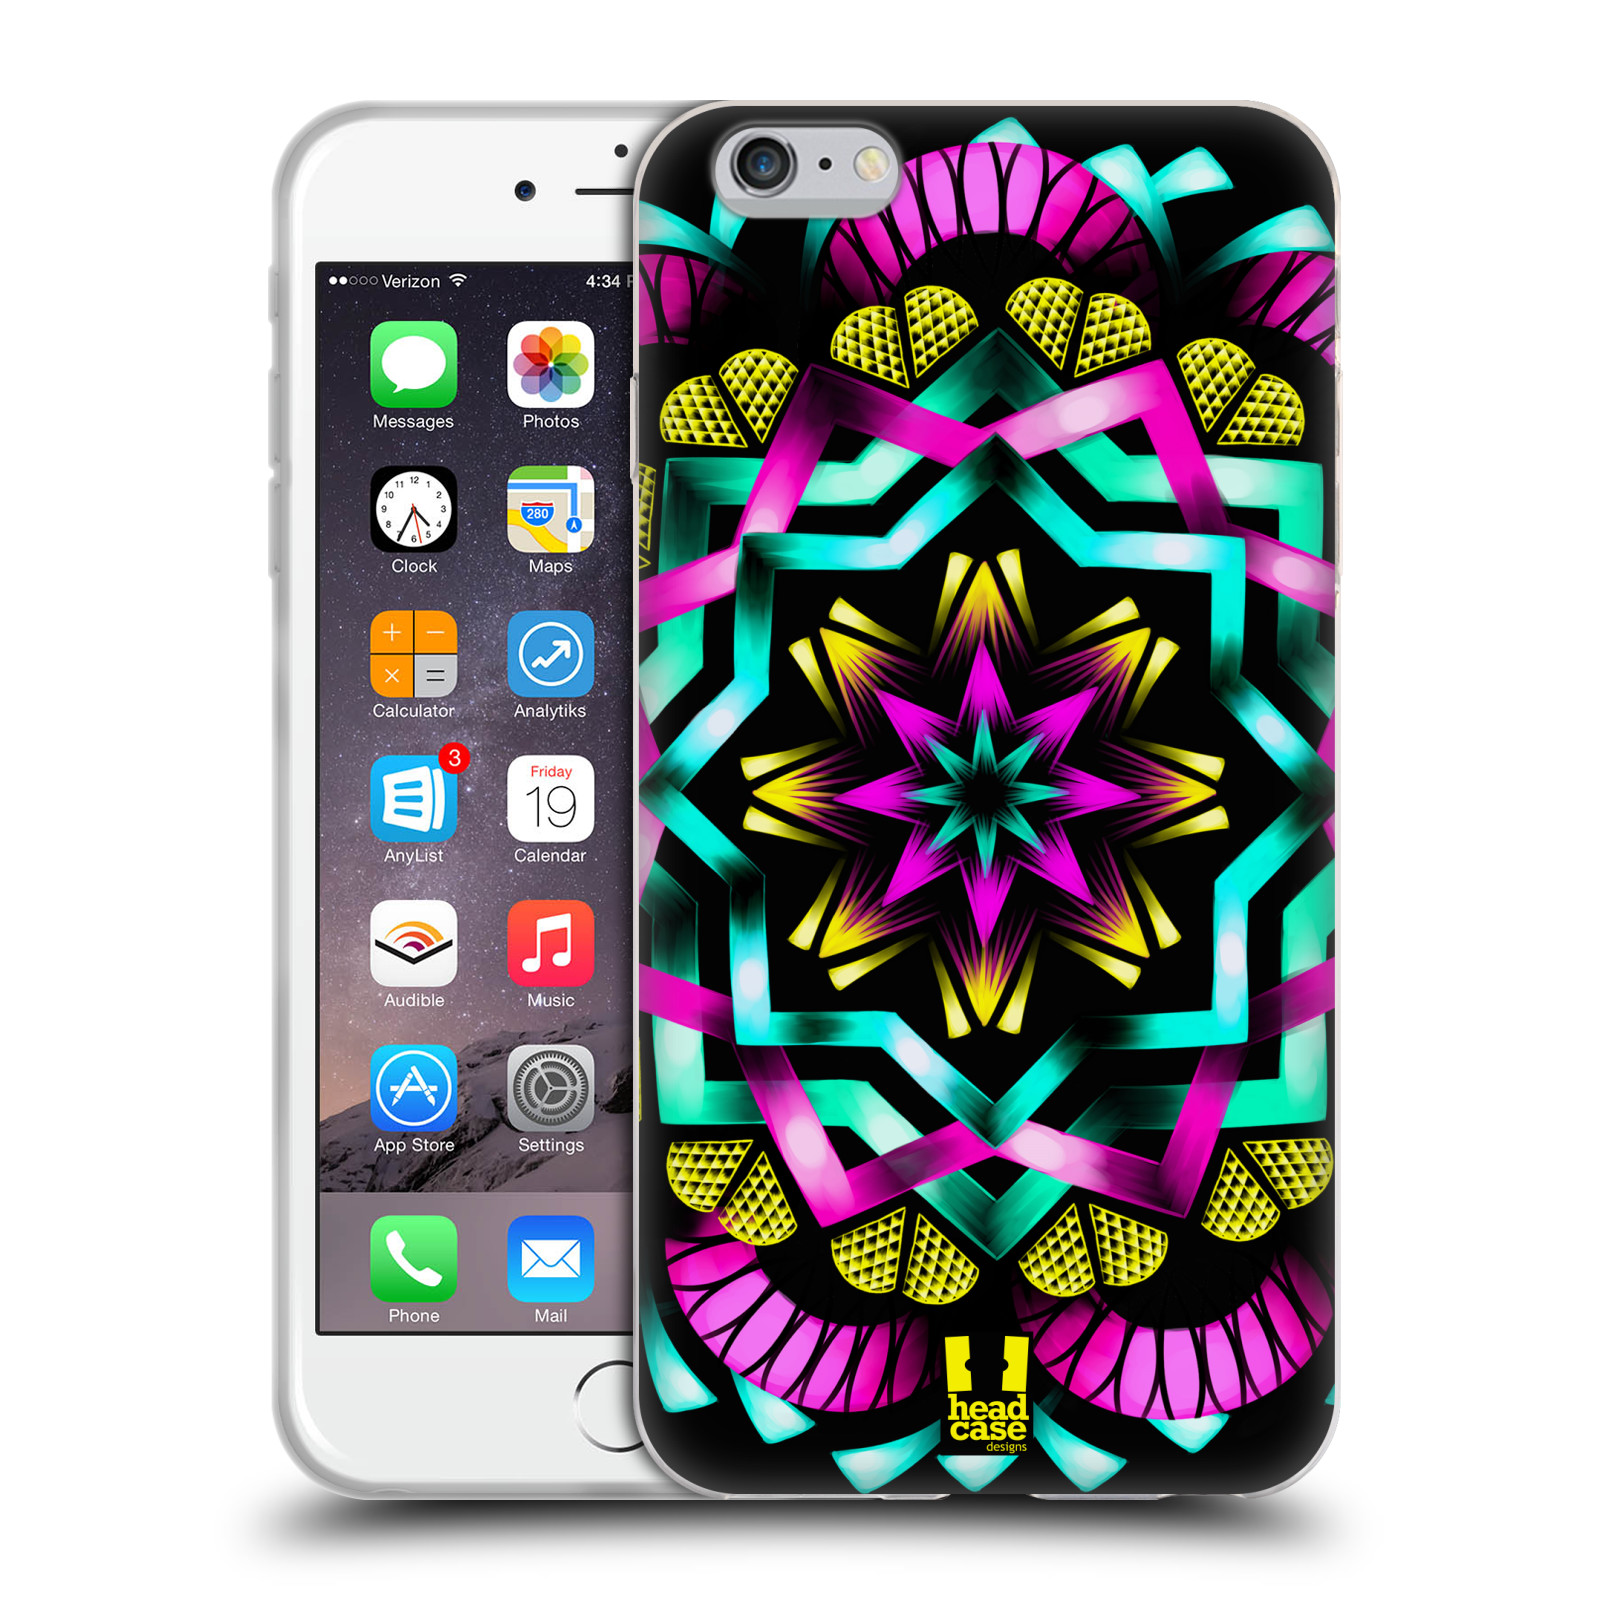 HEAD CASE silikonový obal na mobil Apple Iphone 6 PLUS/ 6S PLUS vzor Indie Mandala kaleidoskop barevný vzor SLUNCE